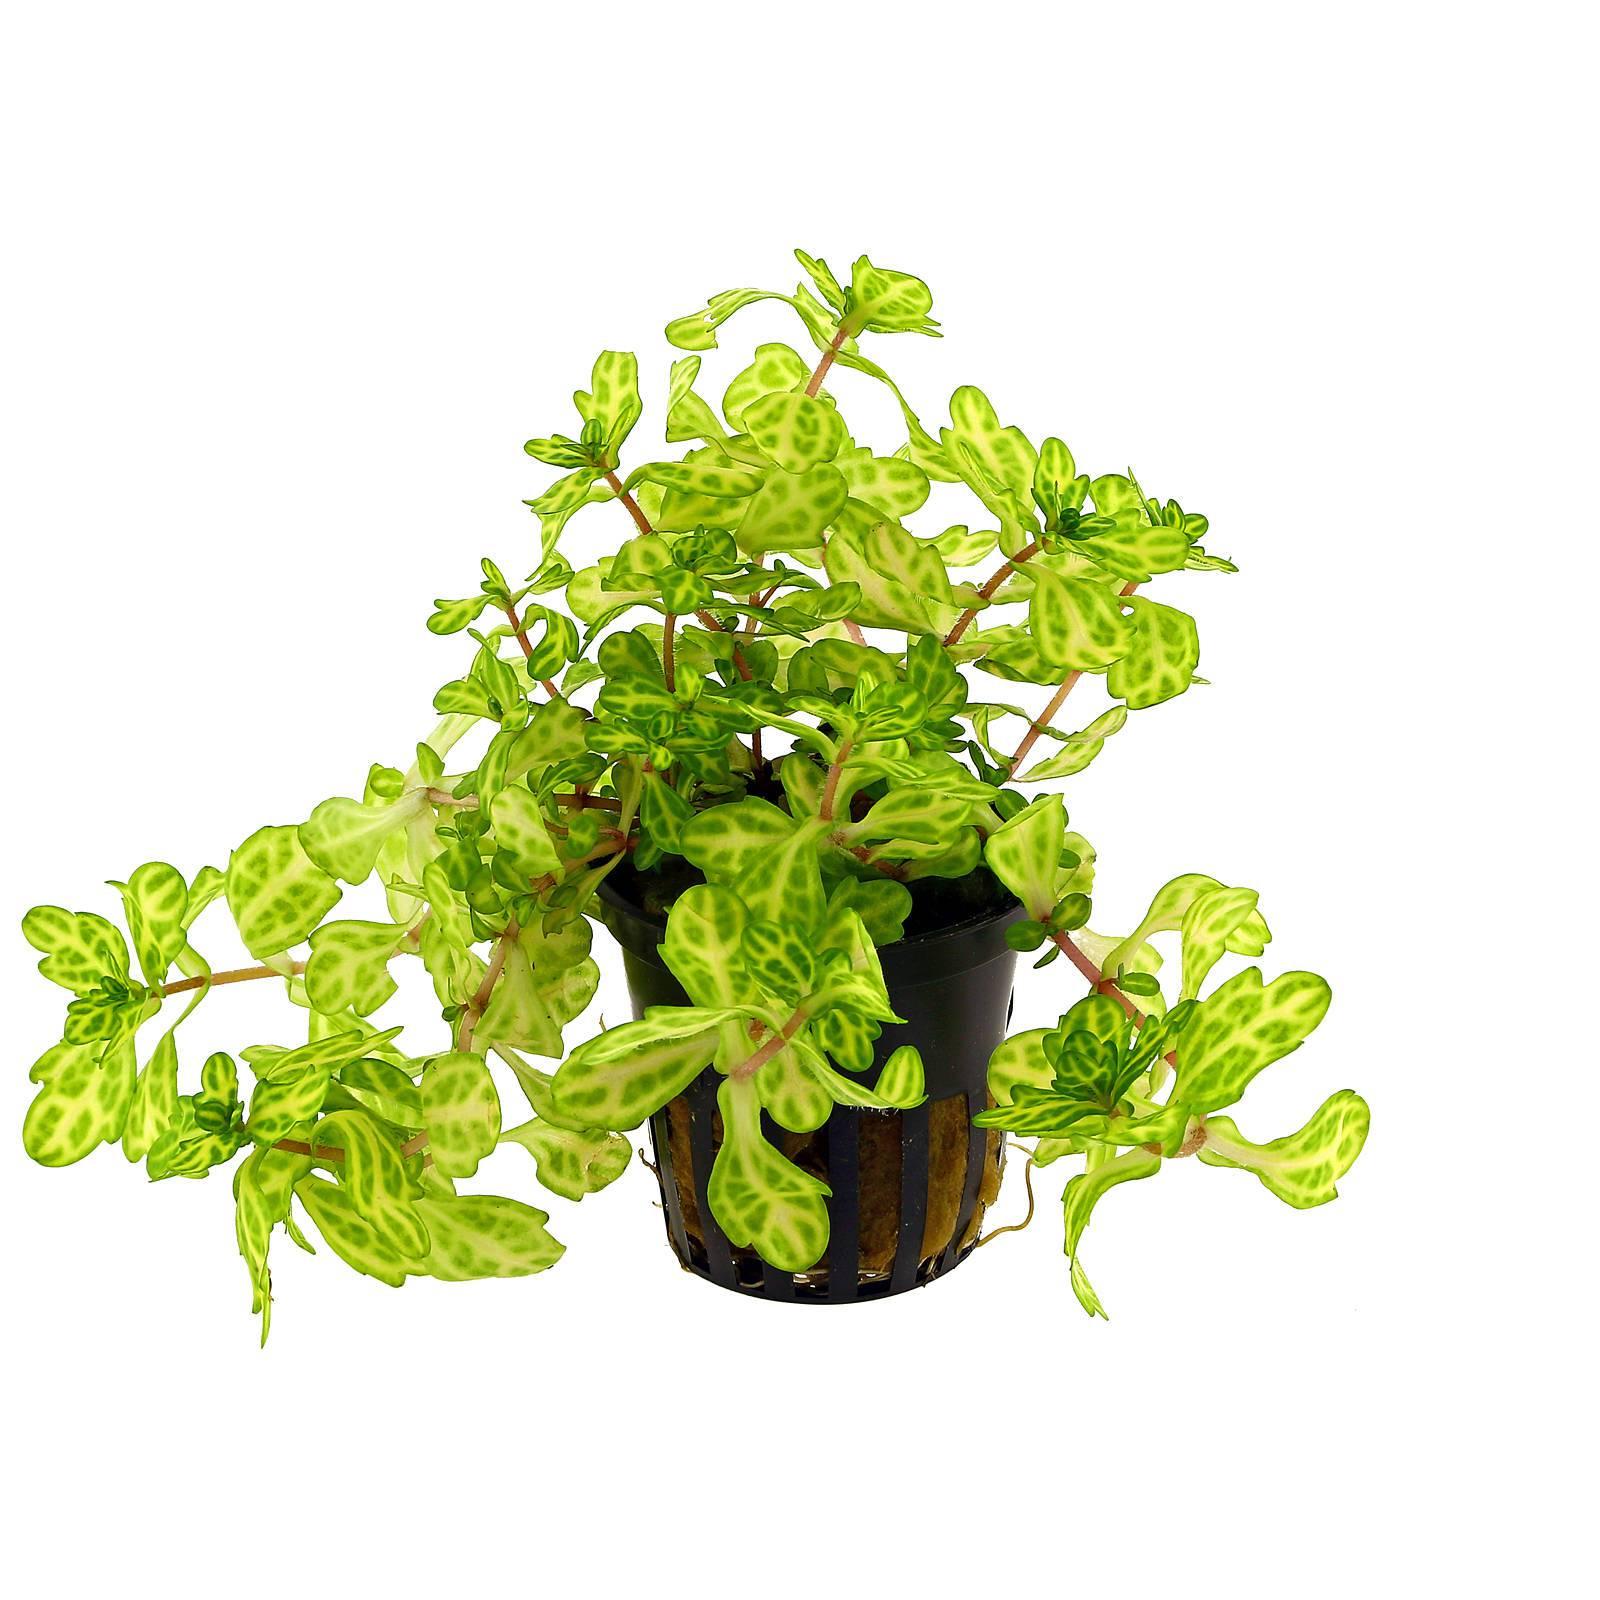 Shinnersia rivularis WeissGrün  Weißgrünes Eichenblatt